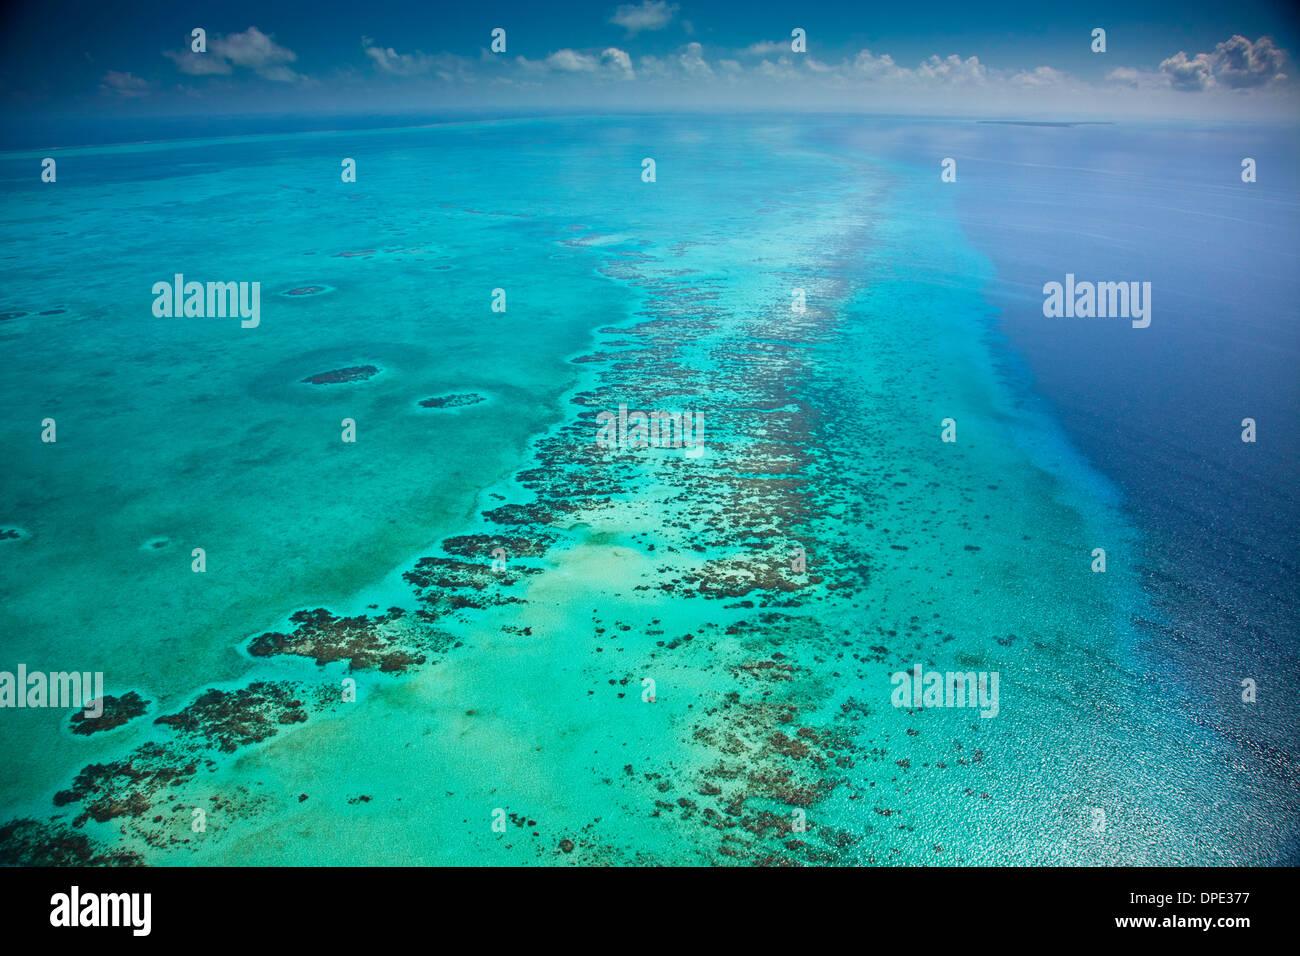 Detalle de coral del Mar Caribe Belice Meso Americano Reserva Arrecife Lighthouse Reef Atoll arrecife más grande Foto de stock